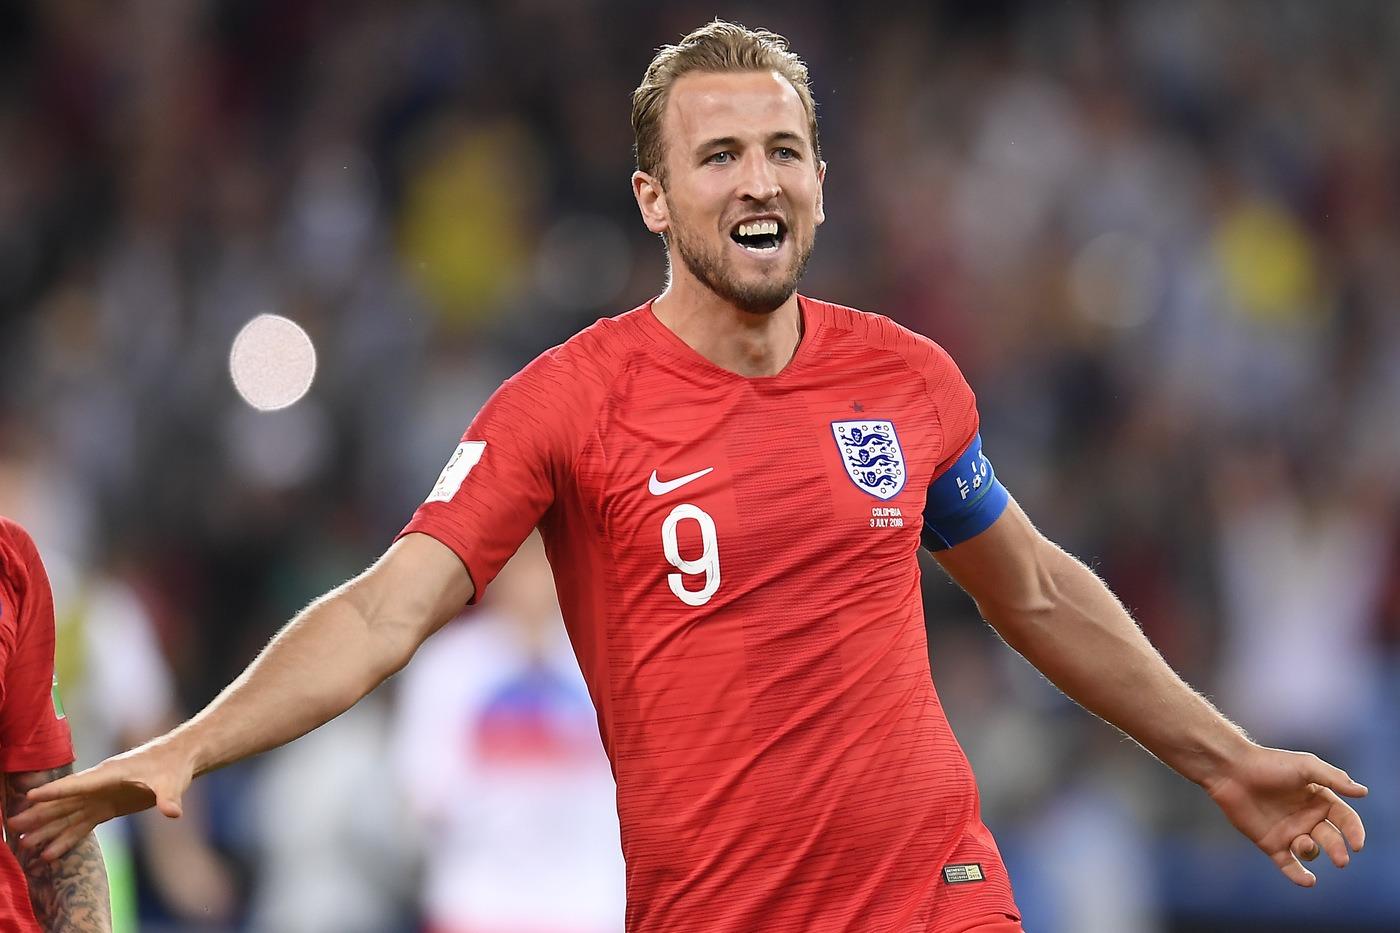 Inghilterra-Repubblica Ceca 22 marzo: si gioca per la prima giornata del gruppo A di qualificazione ad Euro 2020. Inglesi favoriti.